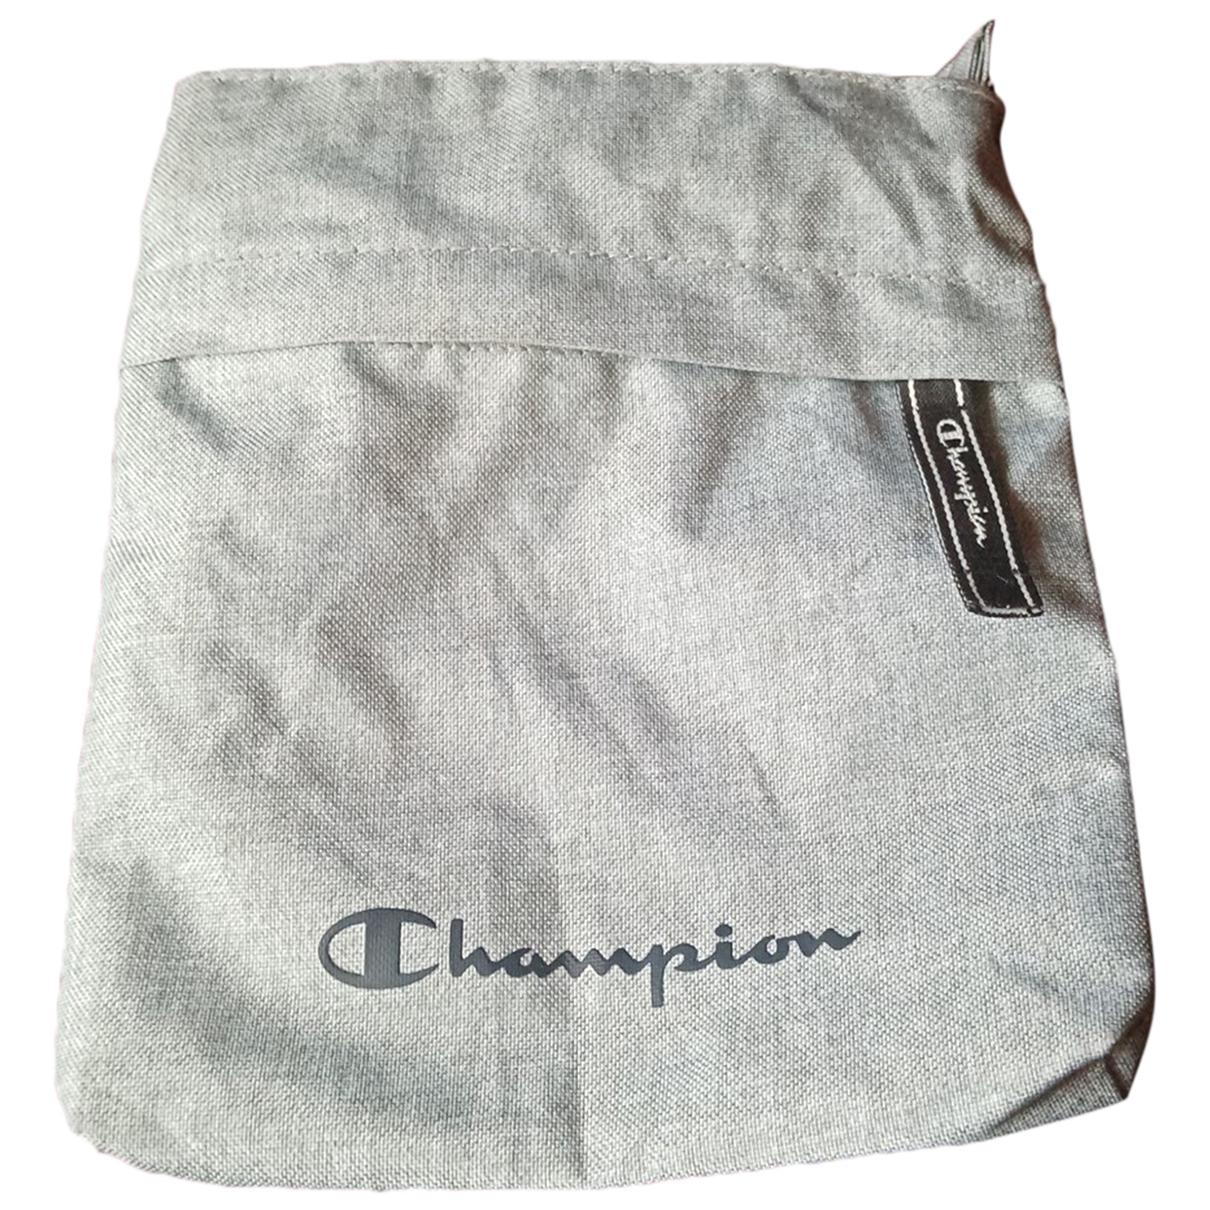 Champion - Petite maroquinerie   pour homme - gris